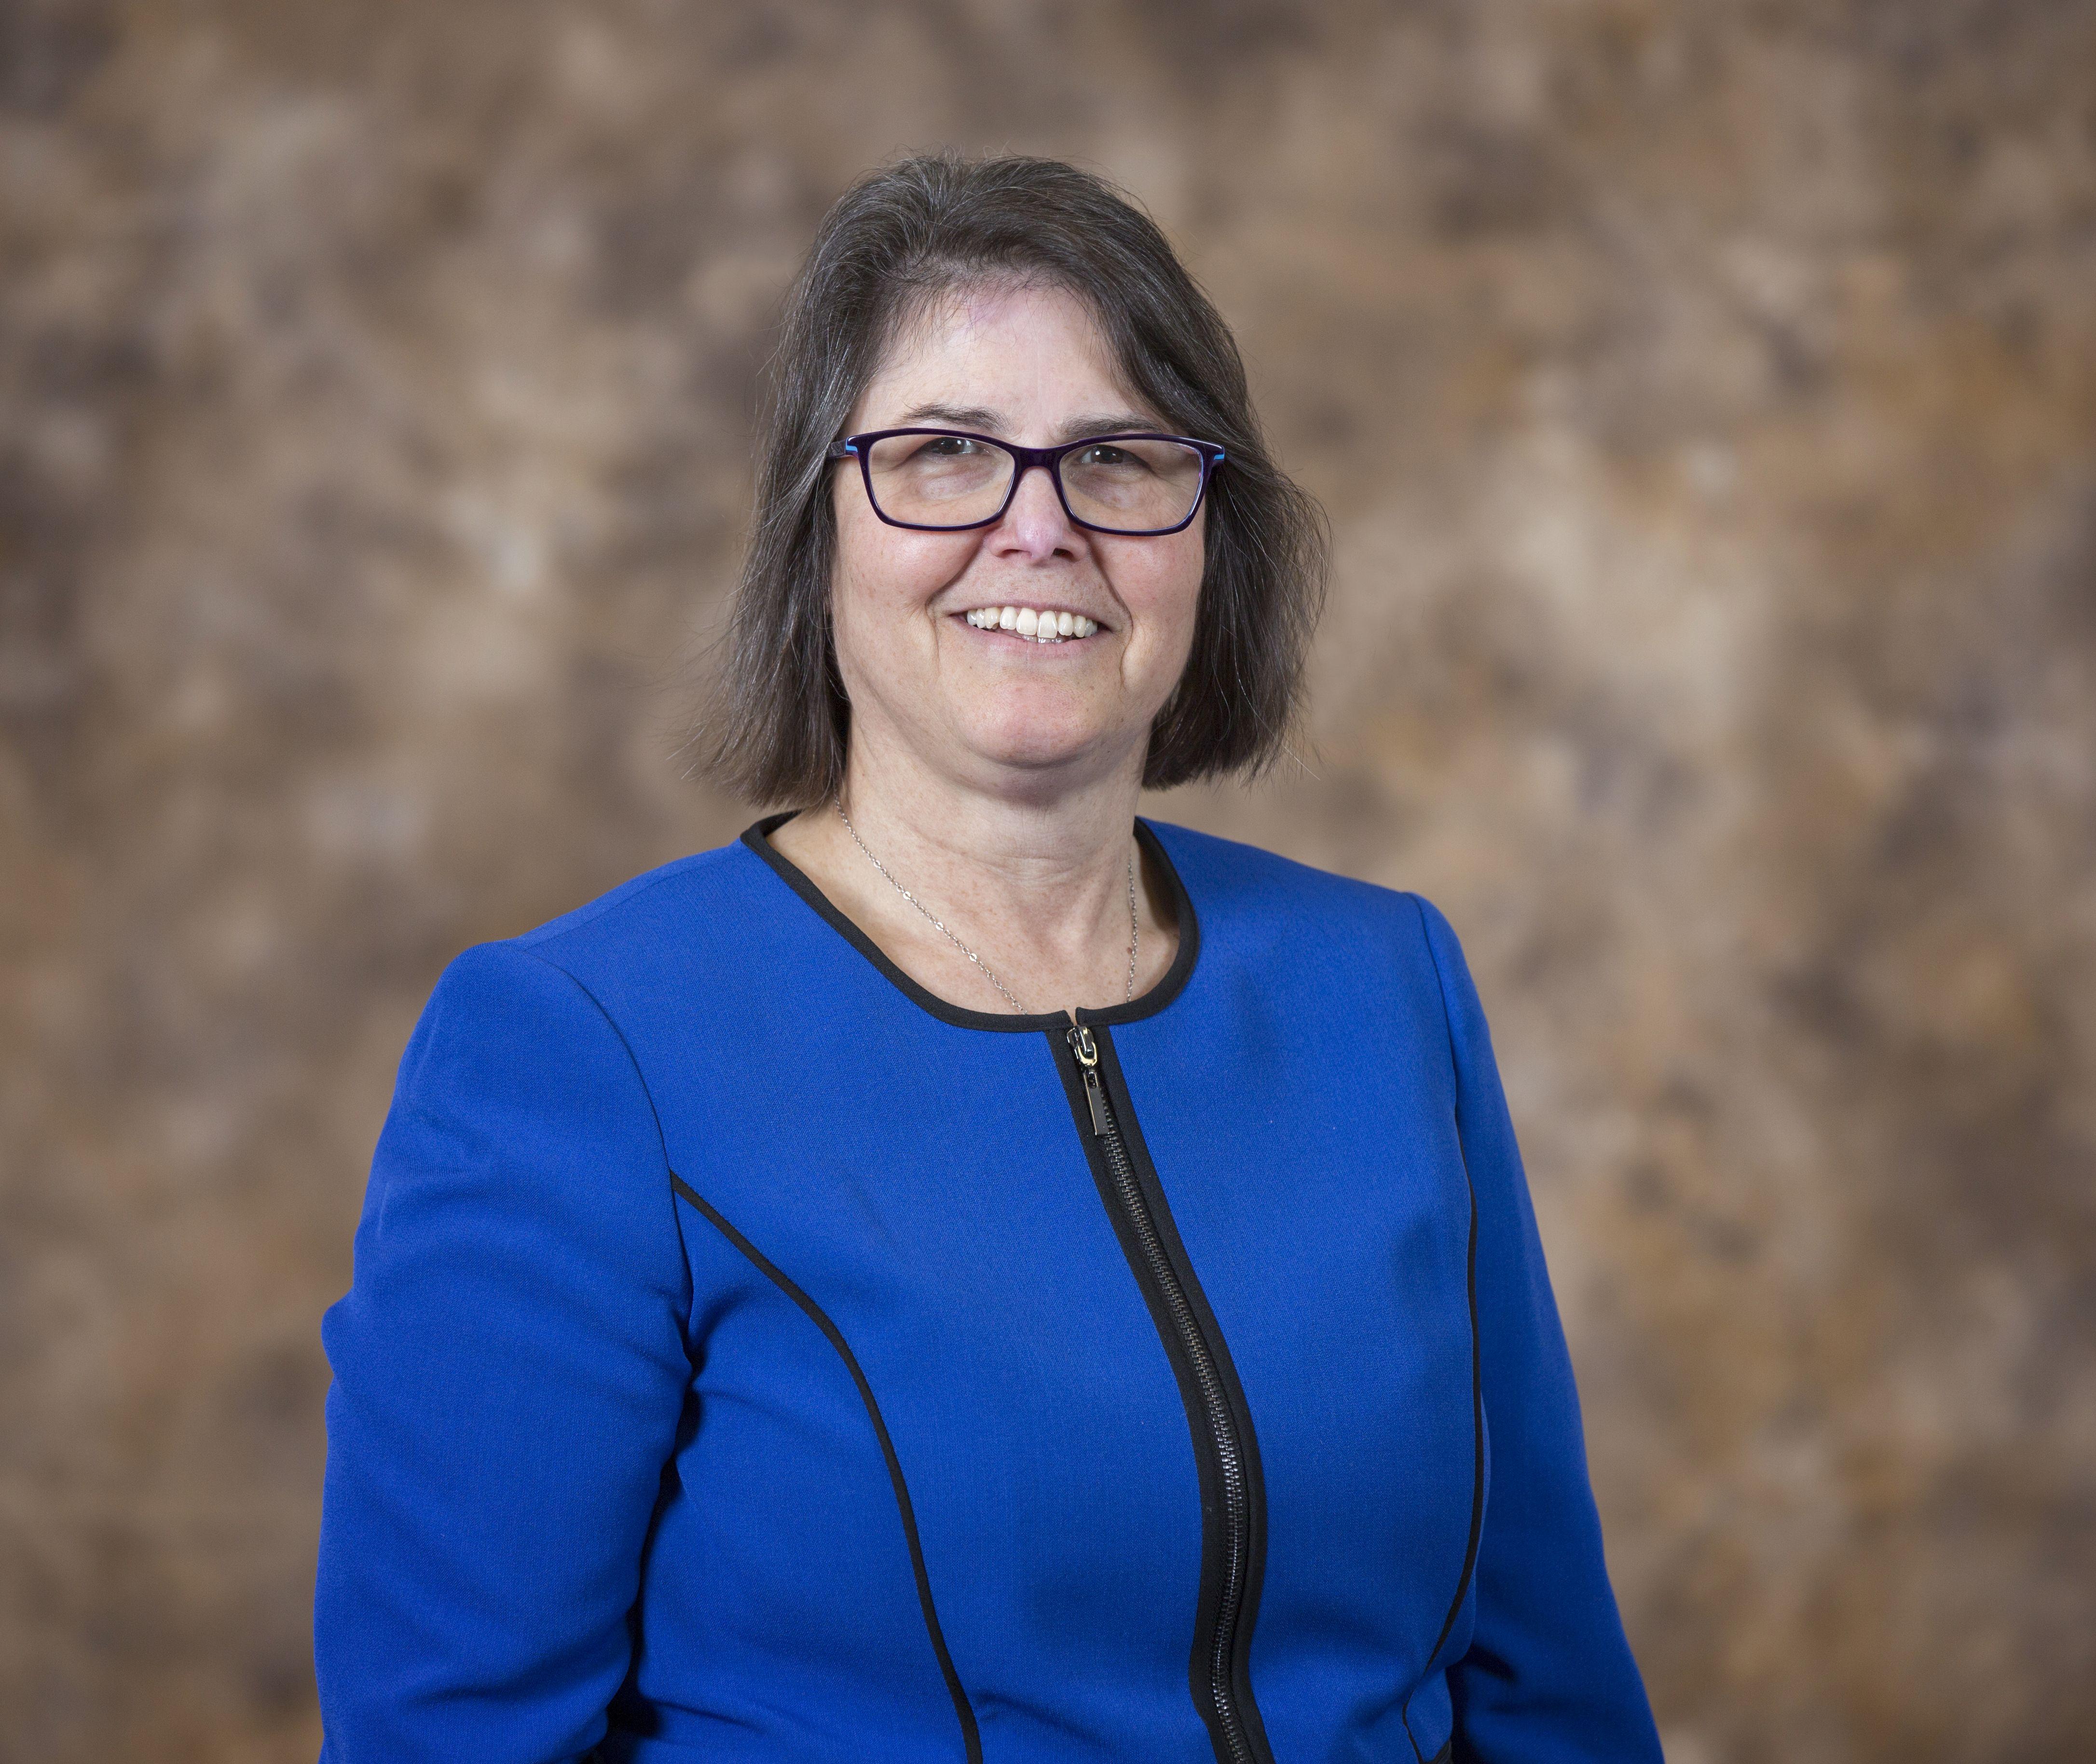 Jeanne Martens